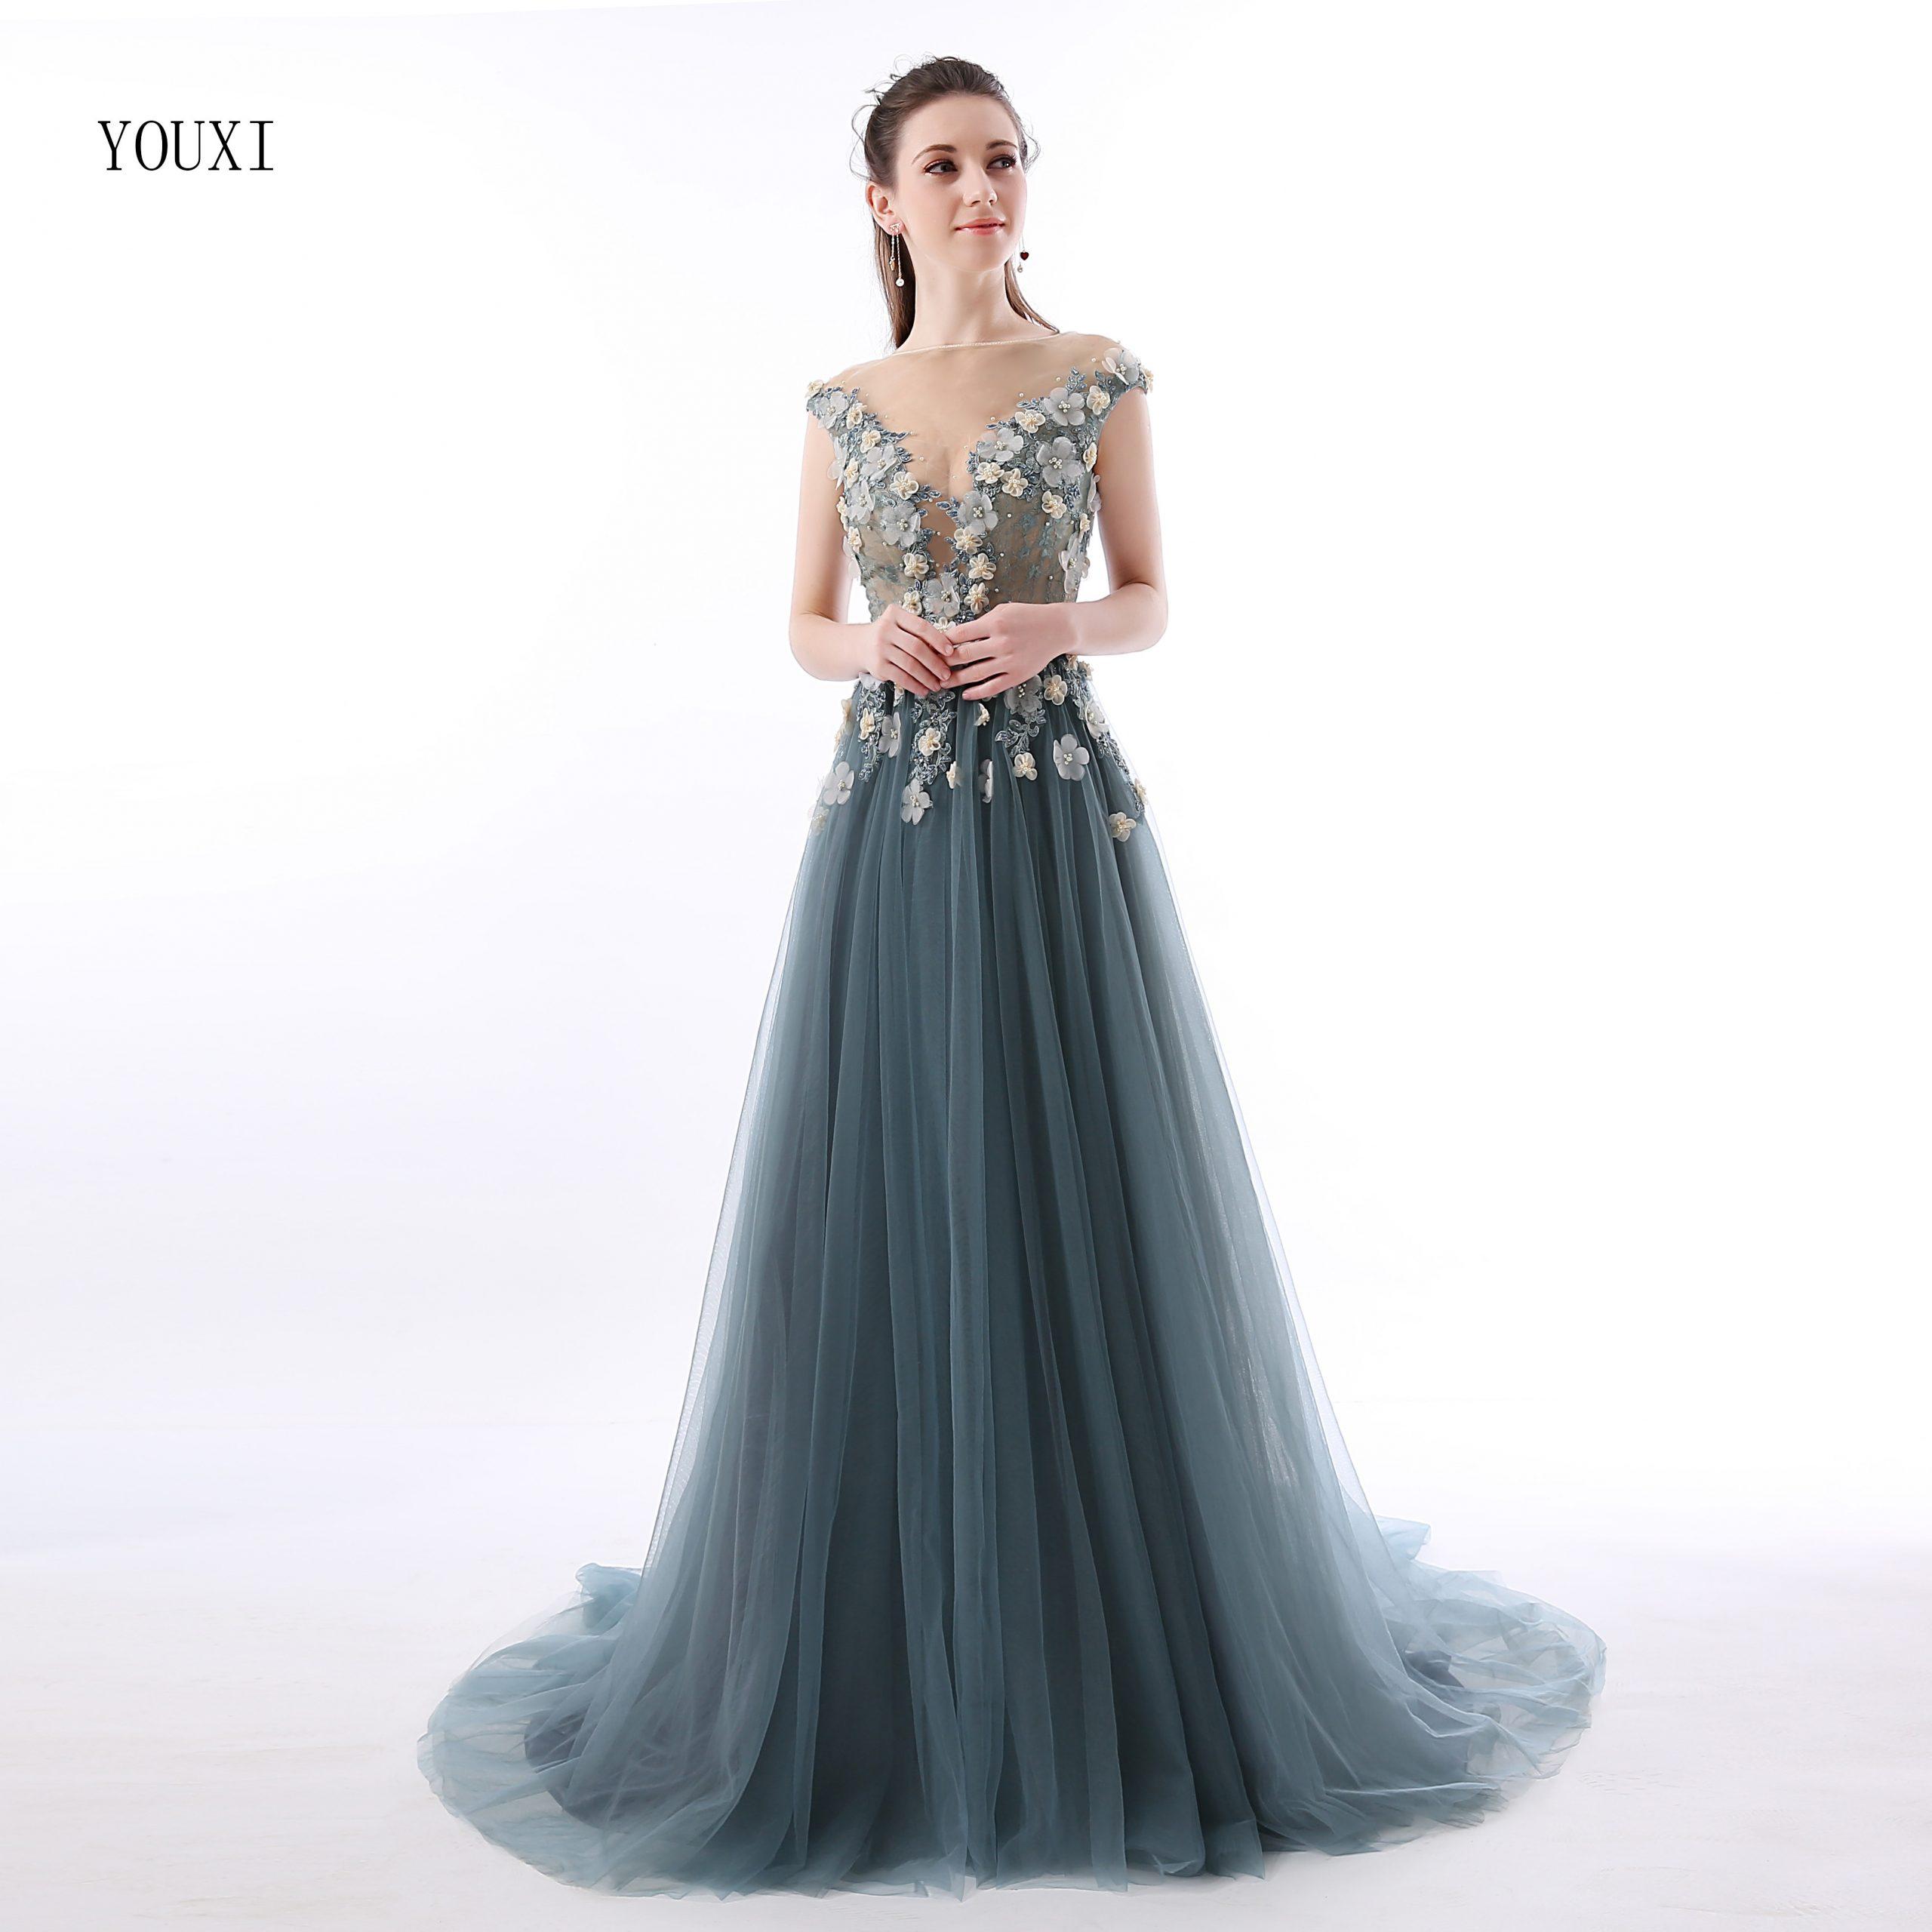 17 Wunderbar Abendkleider Trend 2019 SpezialgebietFormal Erstaunlich Abendkleider Trend 2019 Galerie